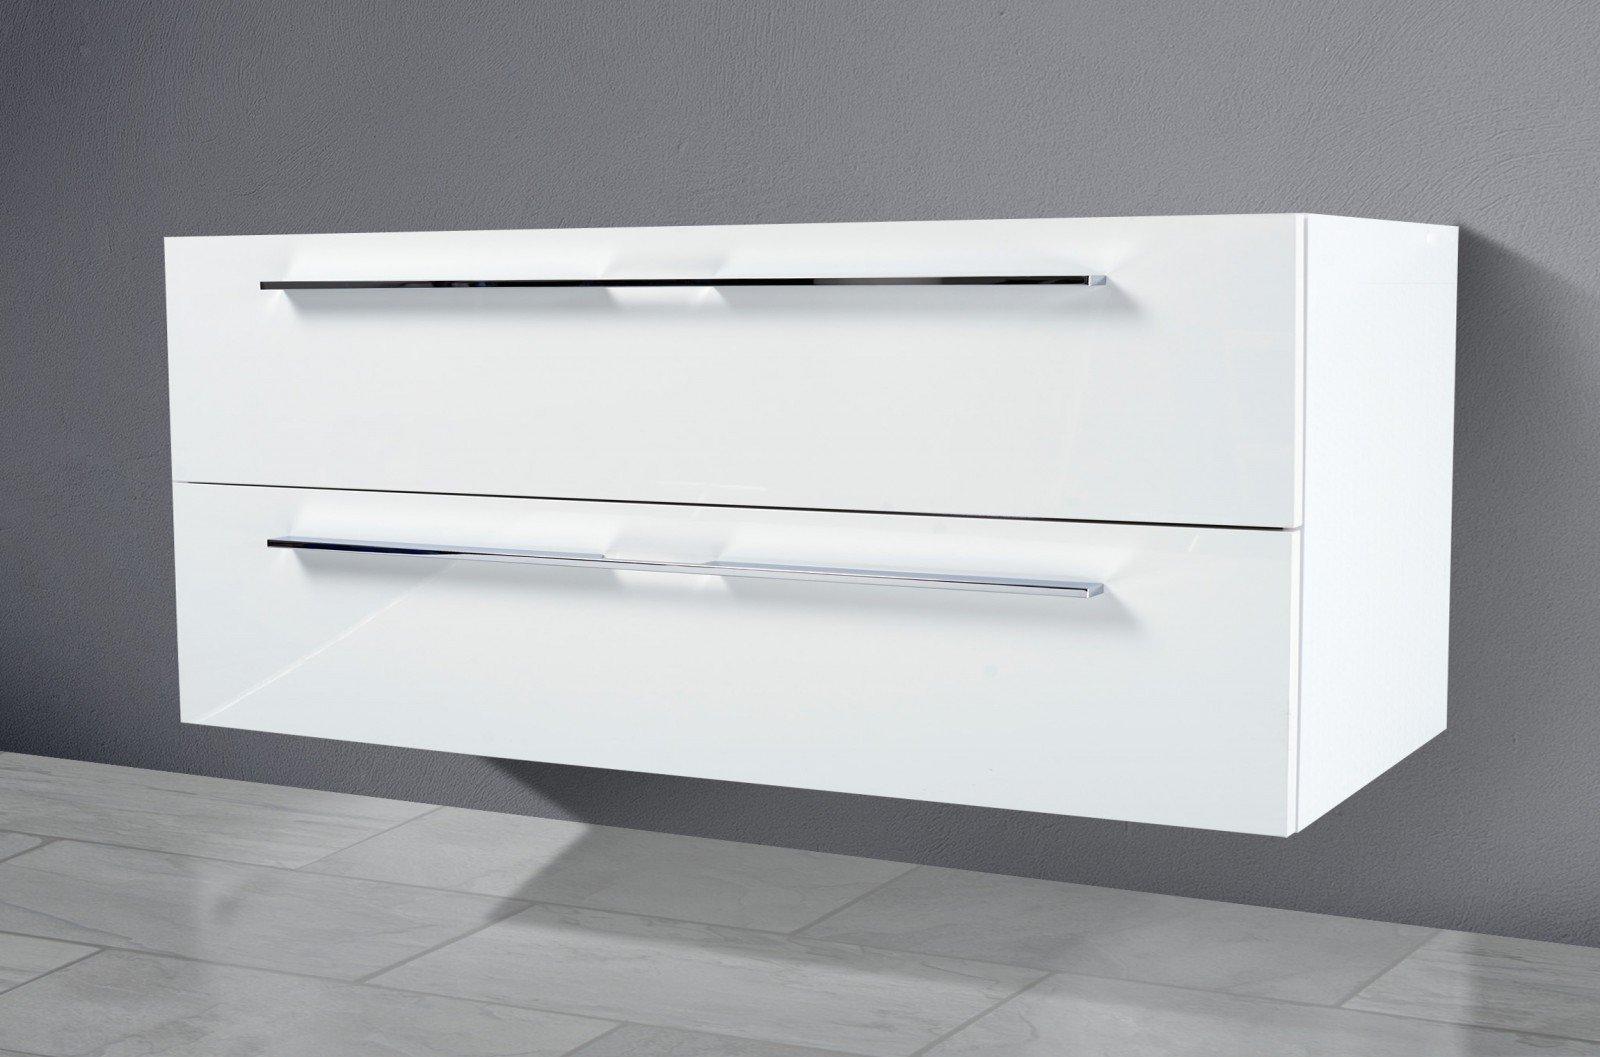 waschtischunterschränke für das bad online kaufen | designbaeder, Badezimmer ideen